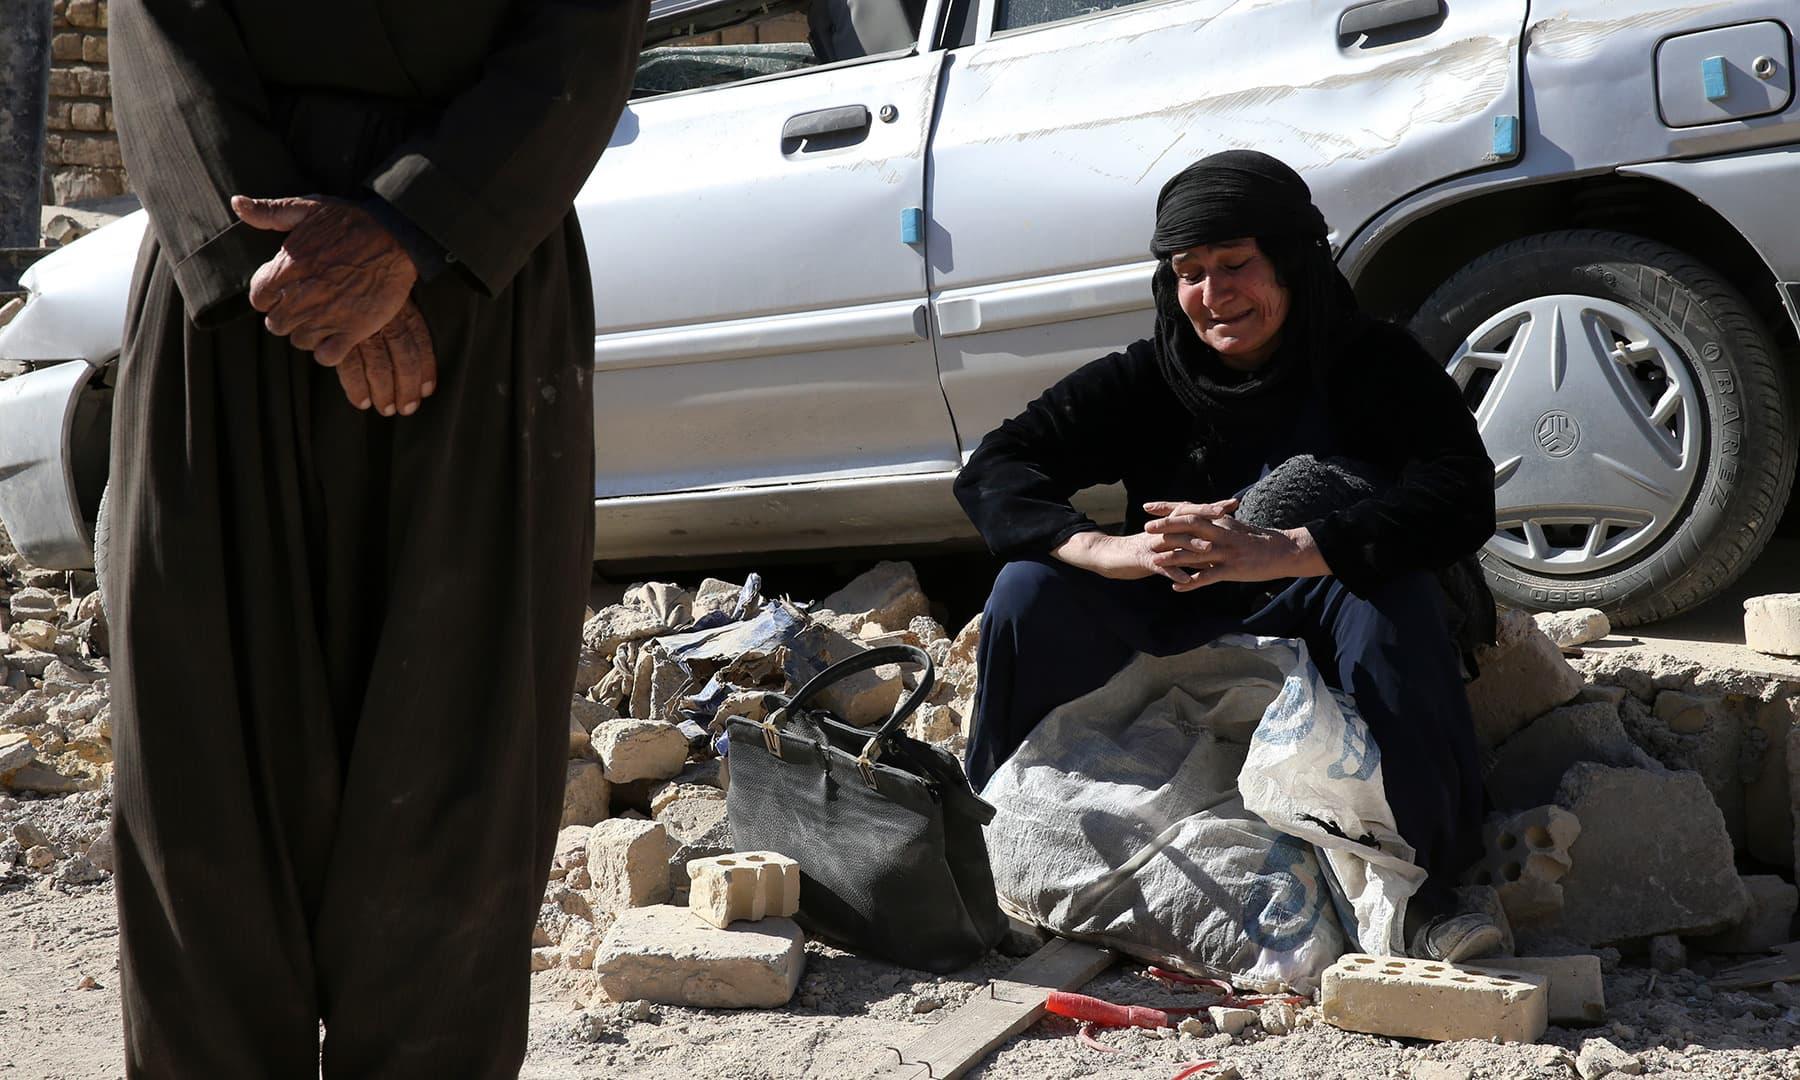 کرمانشاہ میں زلزلے سے متاثر ایک خاتون ملبے پر بیٹھی ہیں۔ — فوٹو اے پی۔